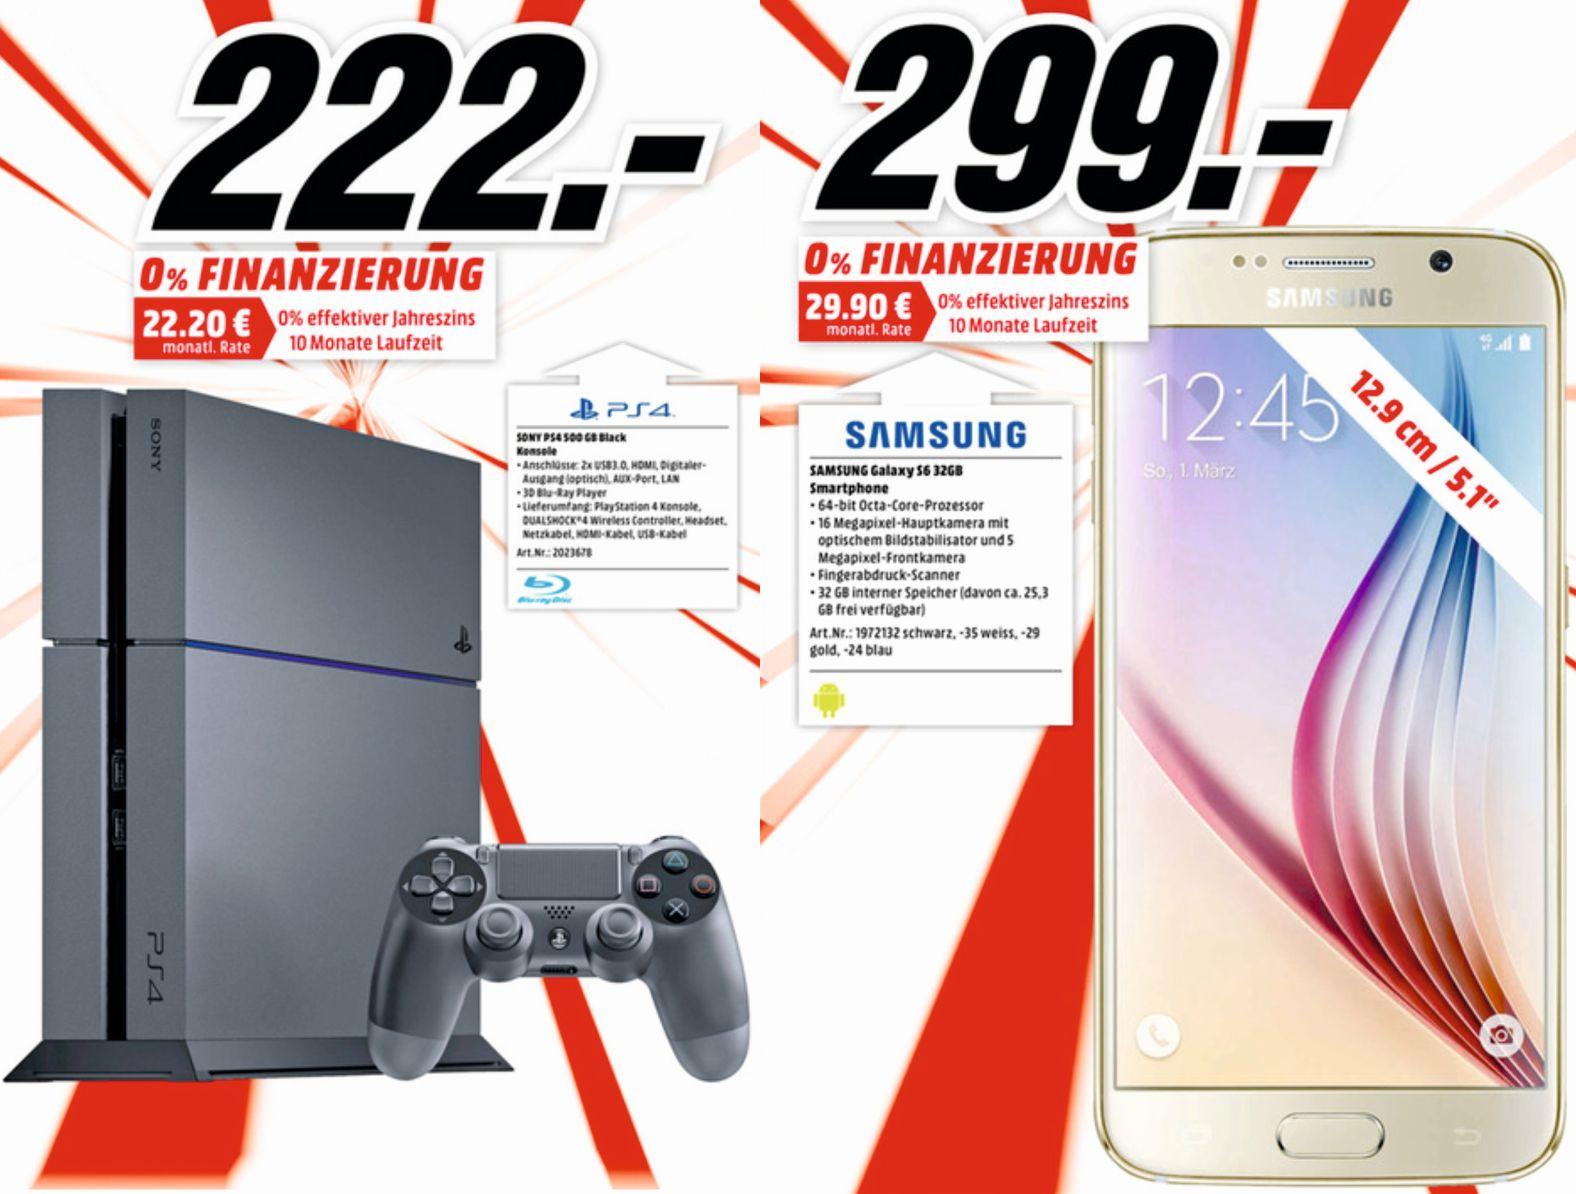 [lokal] Mediamarkt Sulzbach/MTZ: Sony PS4 500GB für 222 €, Samsung Galaxy S6 für 299 € und weitere Jubiläumsangebote